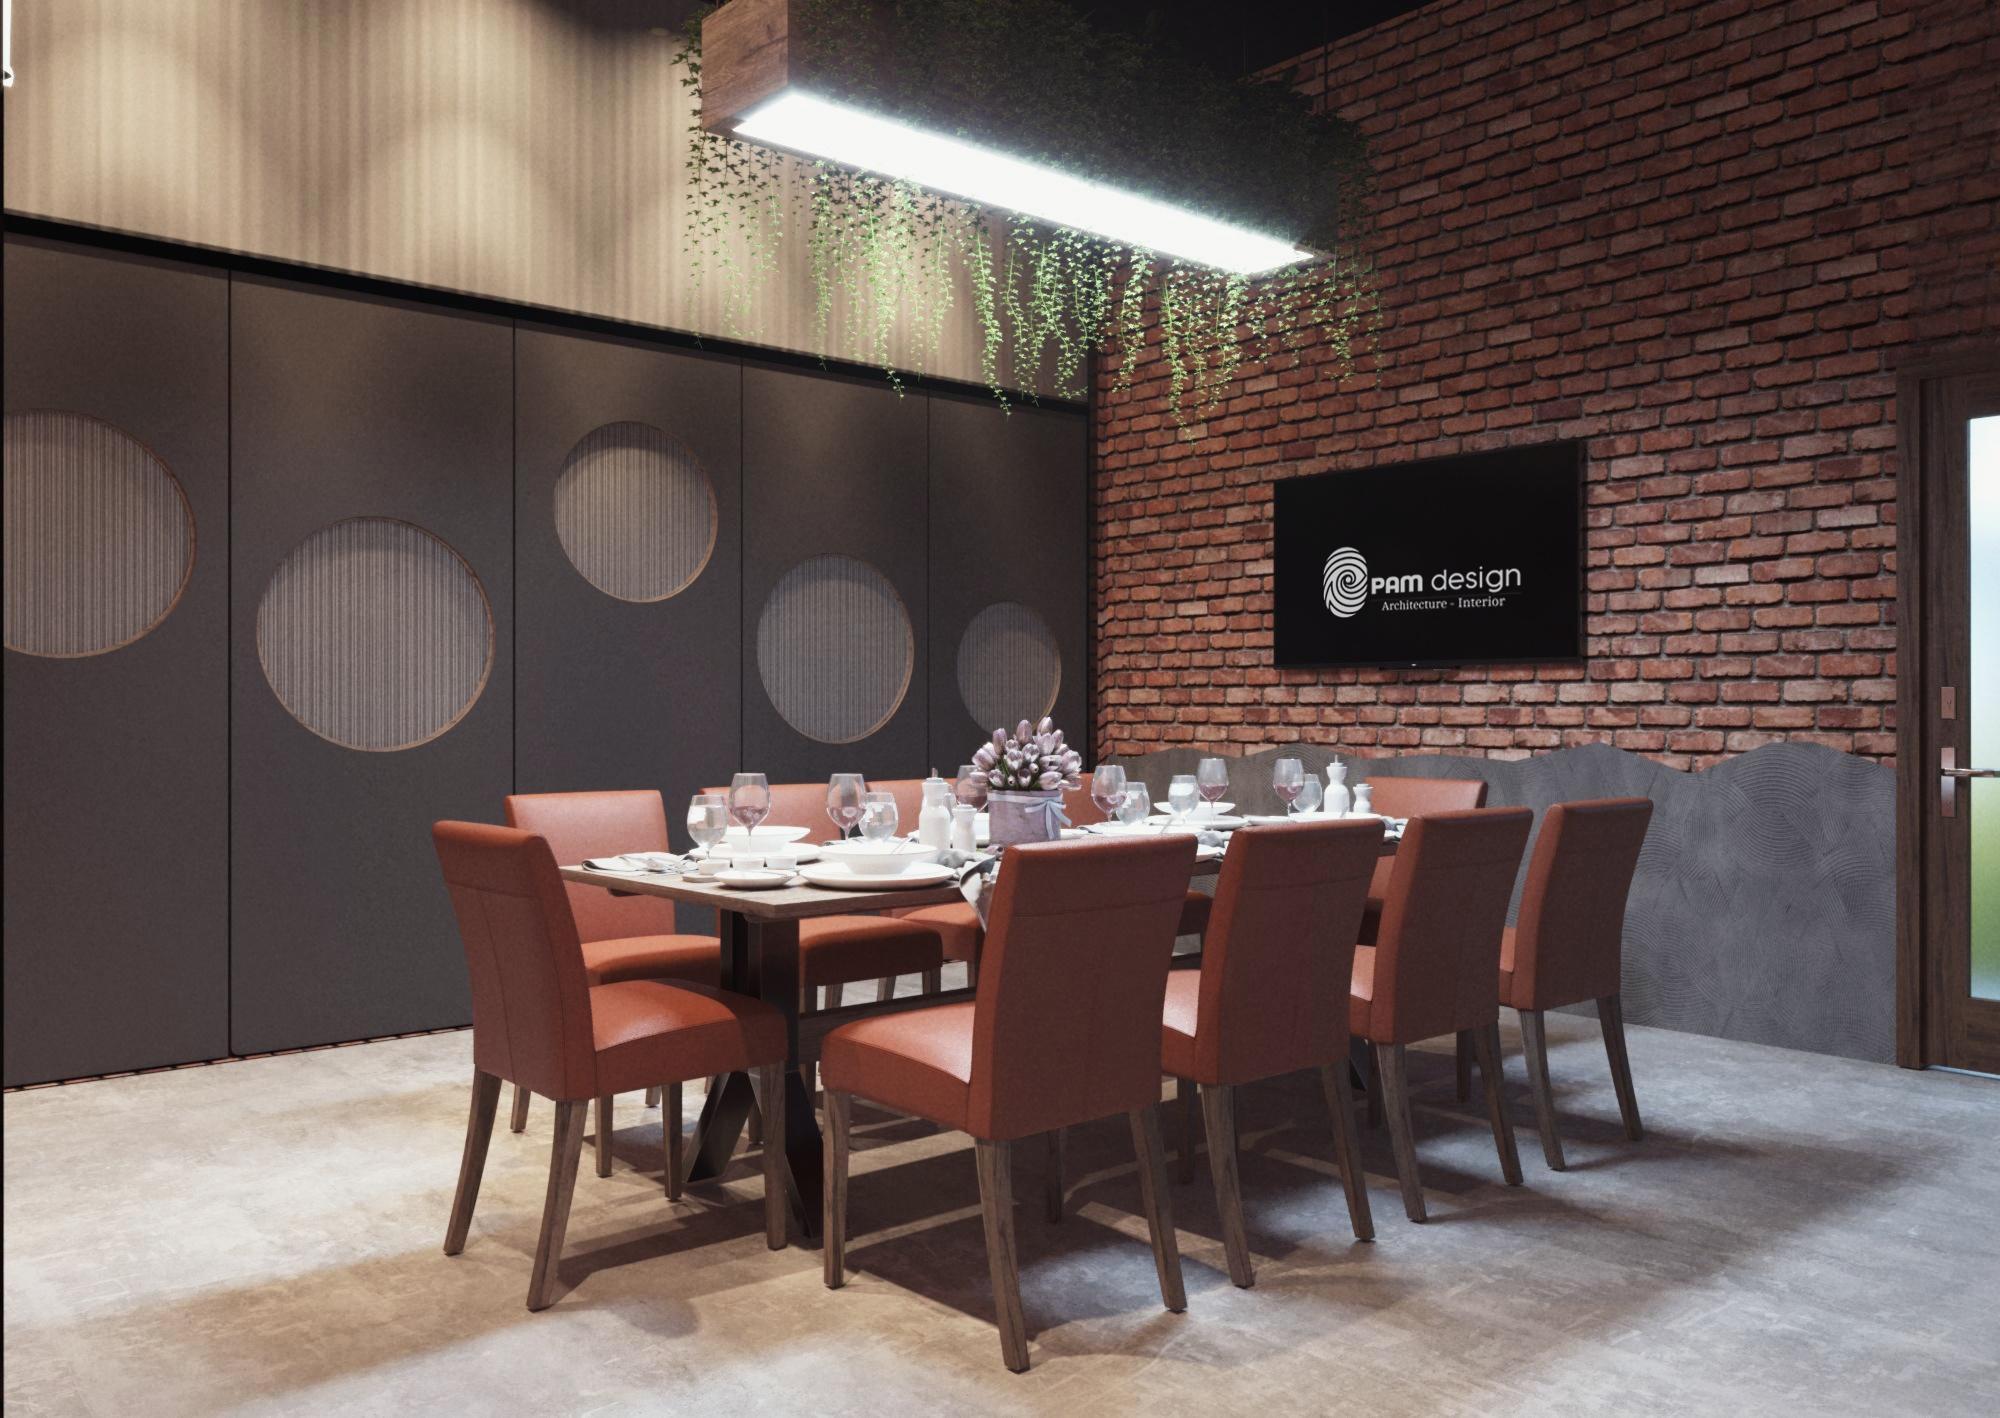 thiết kế nội thất Cafe tại Đà Nẵng Quán nhậu MẼO 6 1568195499